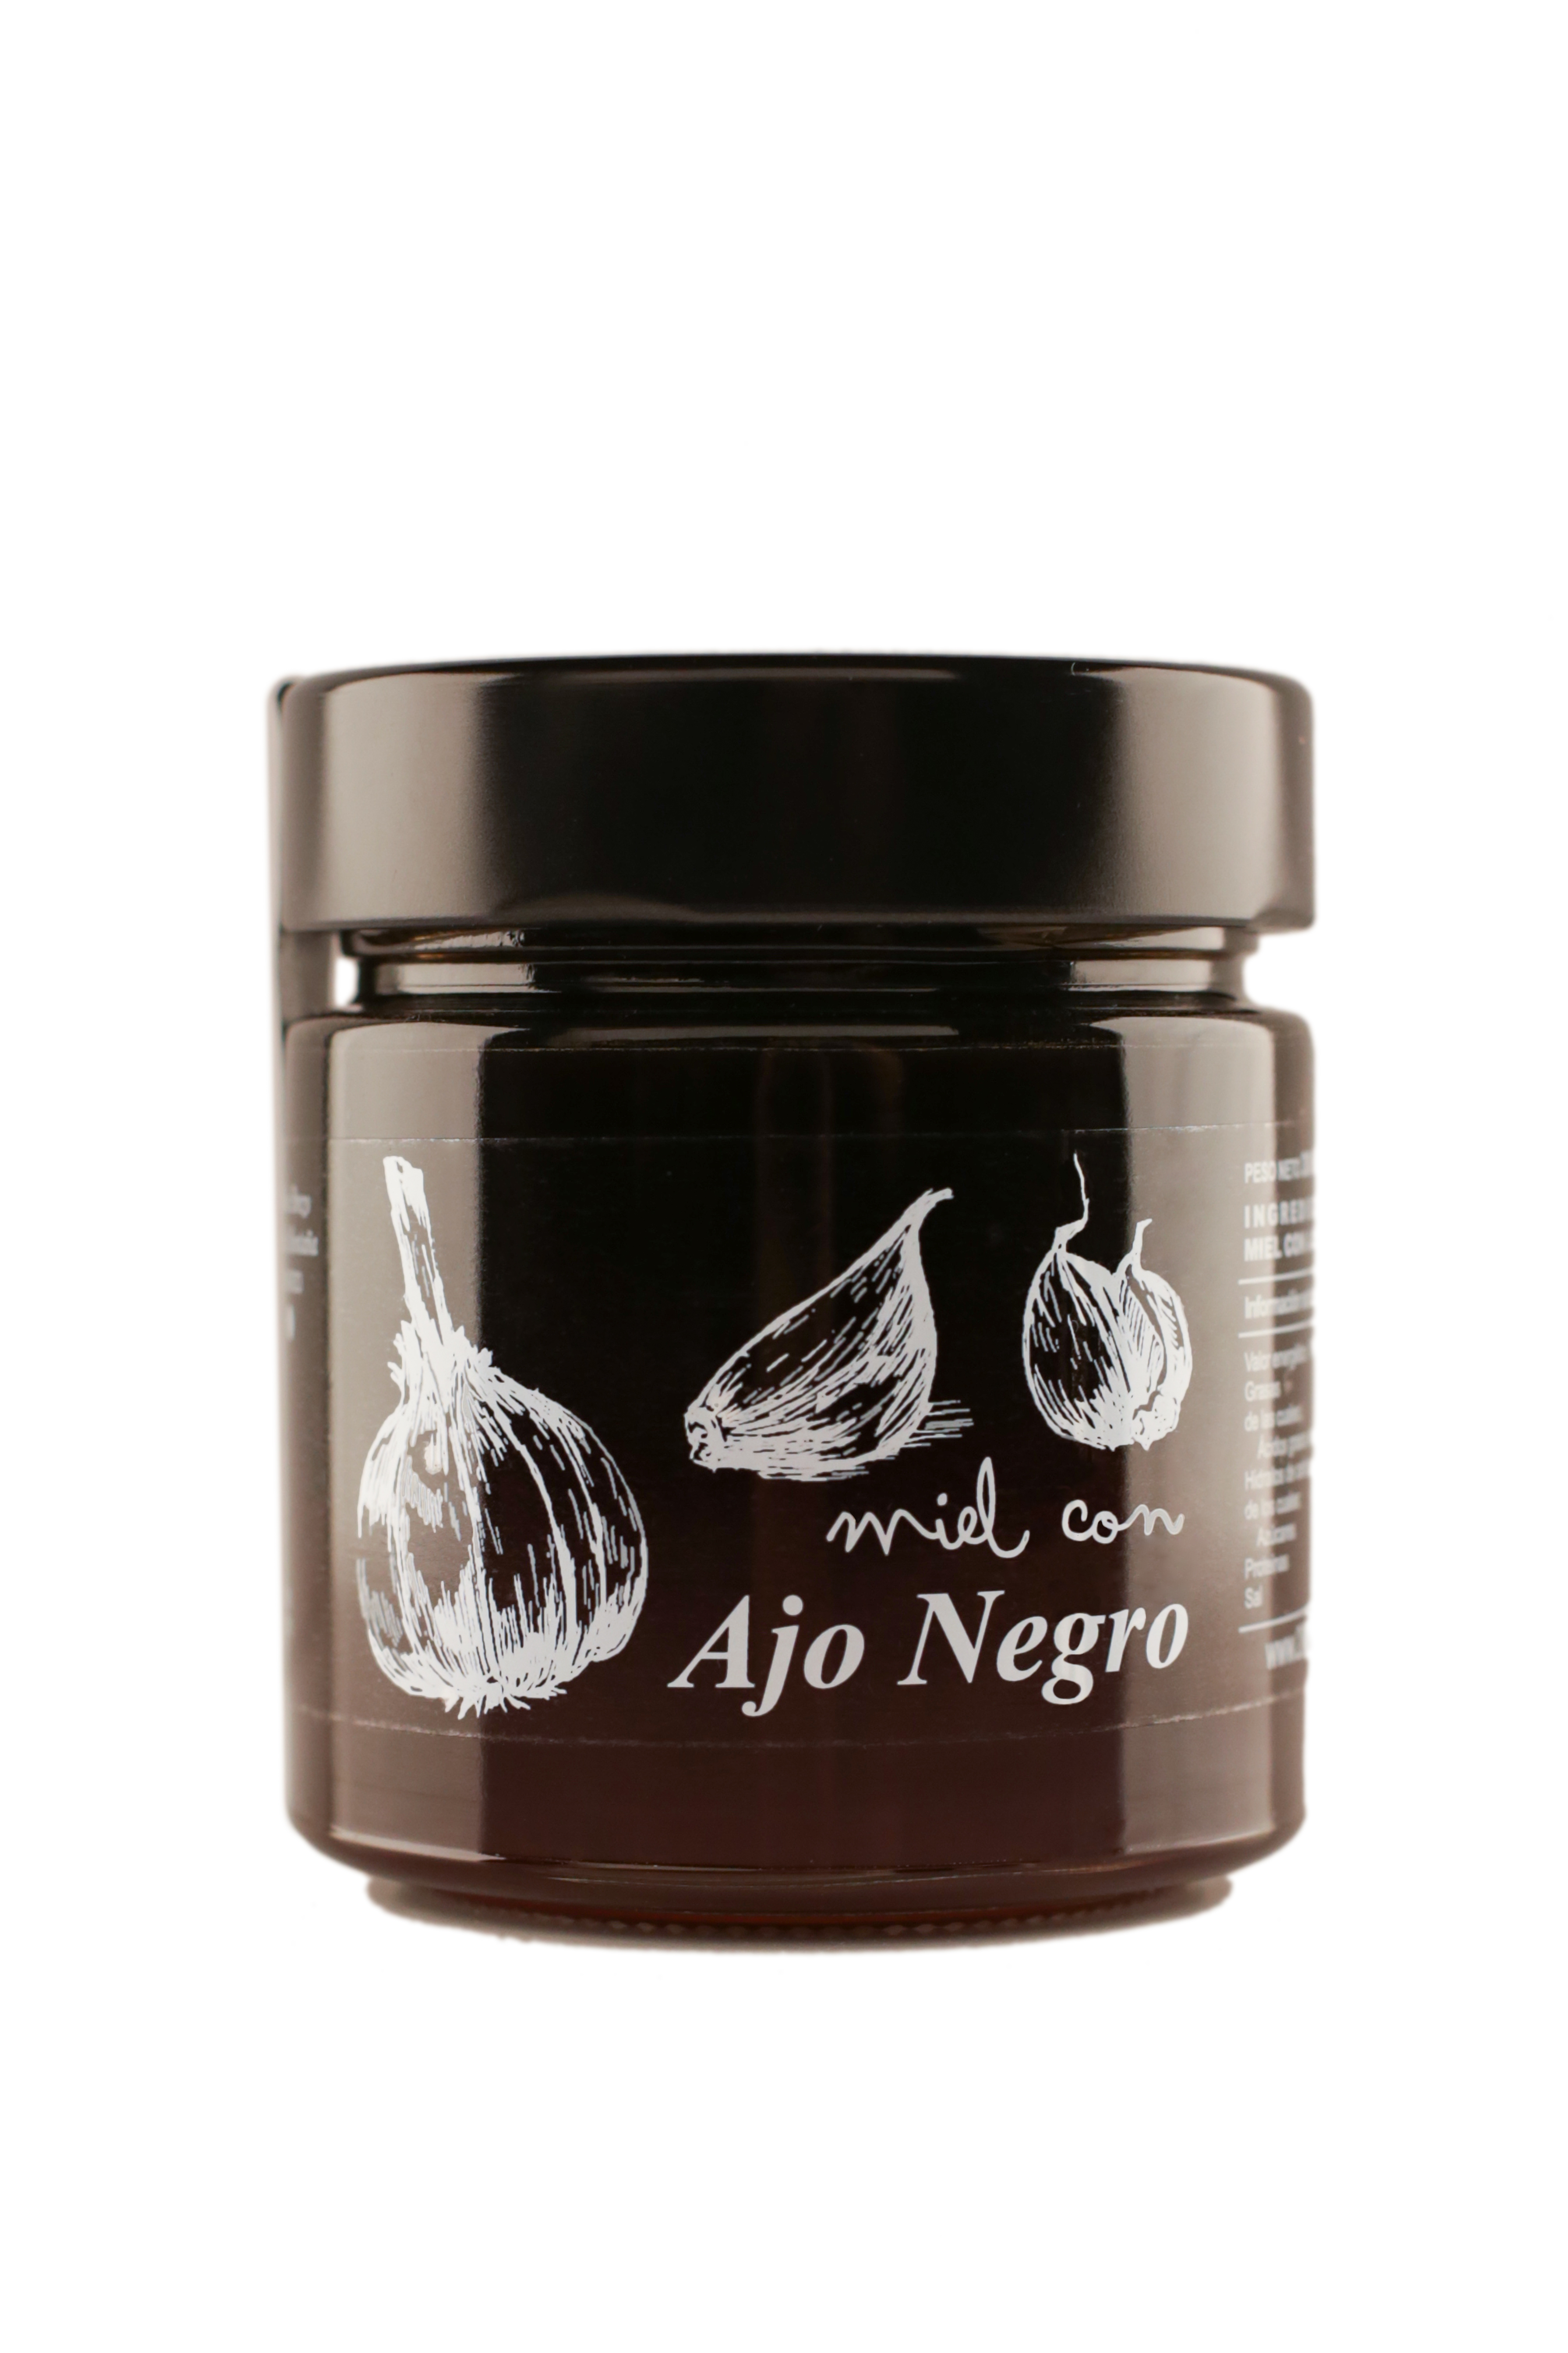 Miel natural con Ajo Negro 28Lunas - 300gr